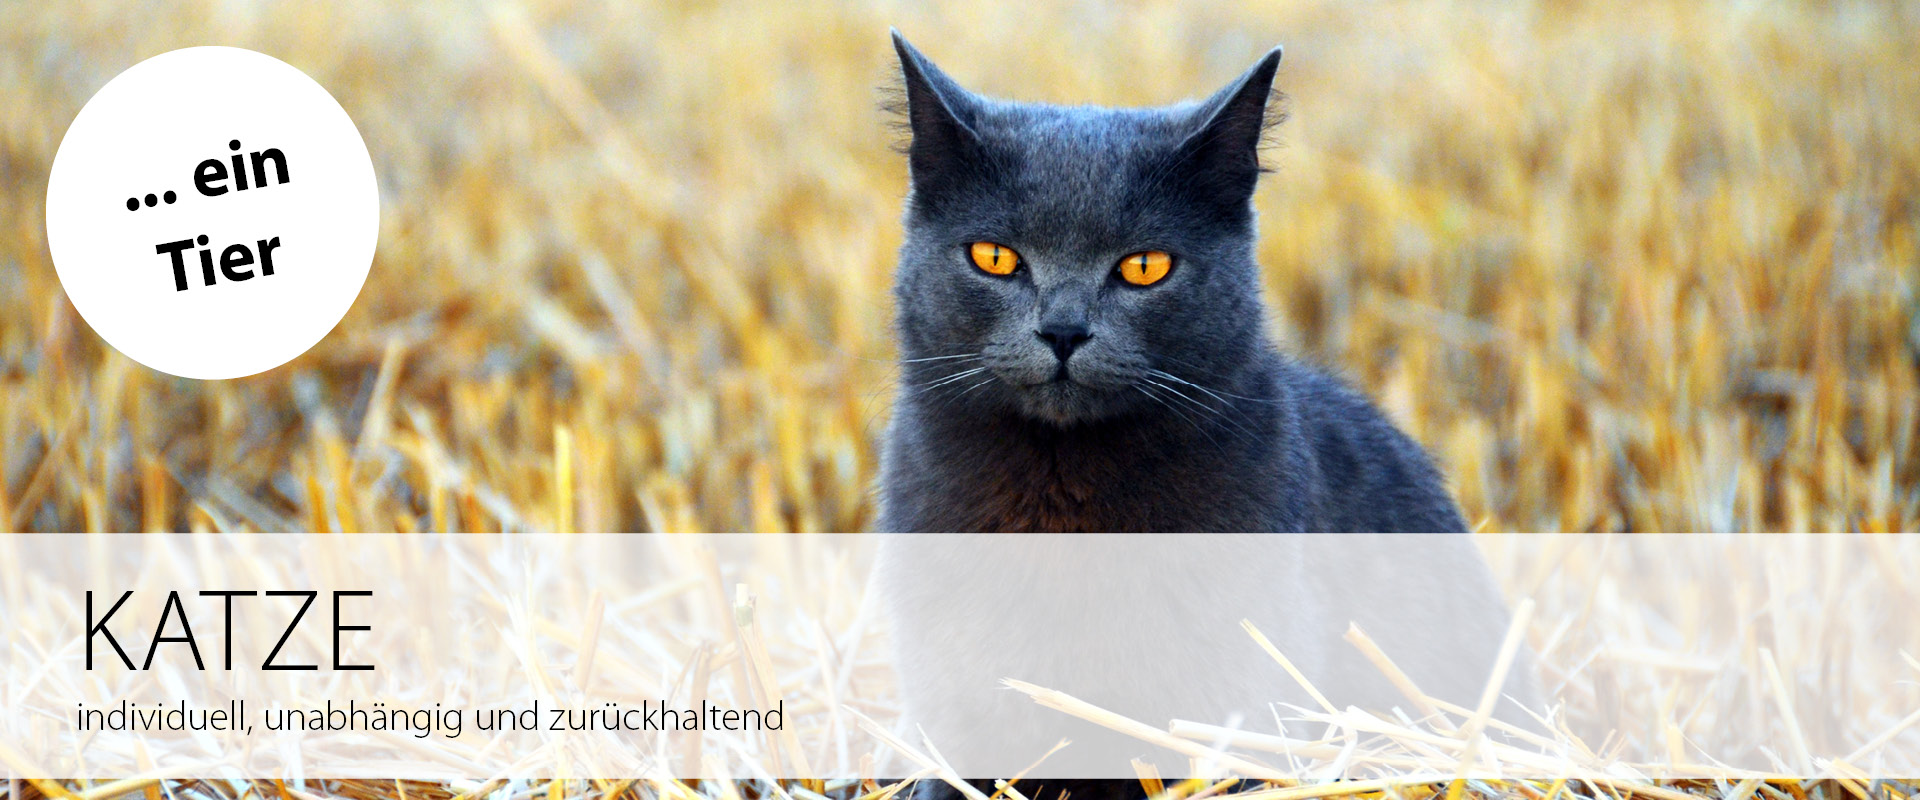 Ein Tier: Katze